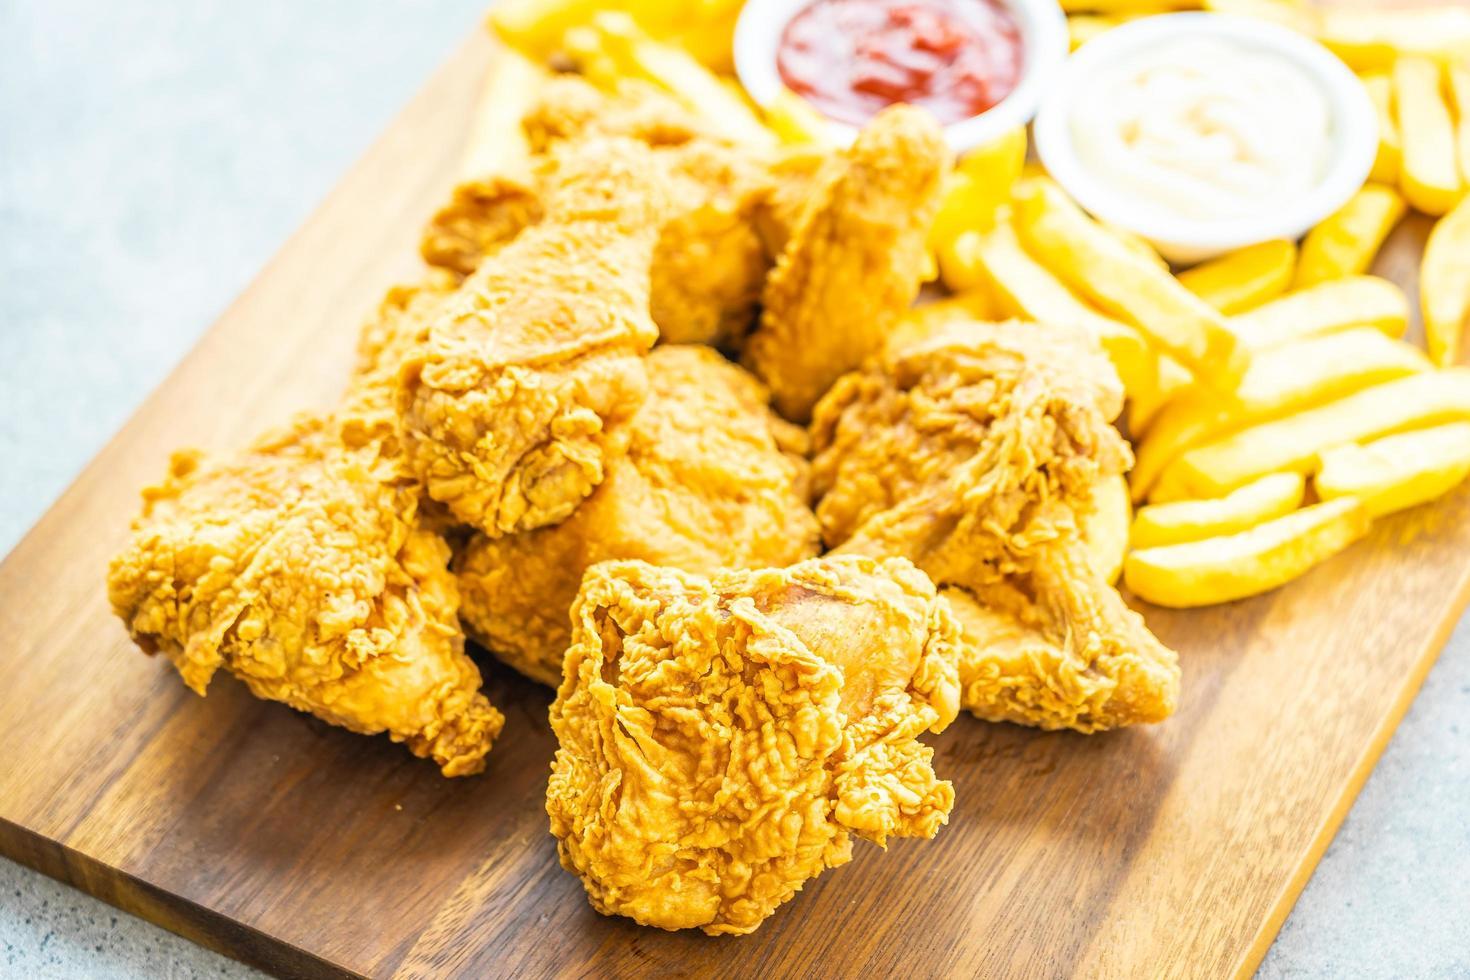 stekt kycklingvingar med pommes frites och tomat eller ketchup och majonnäs sås foto